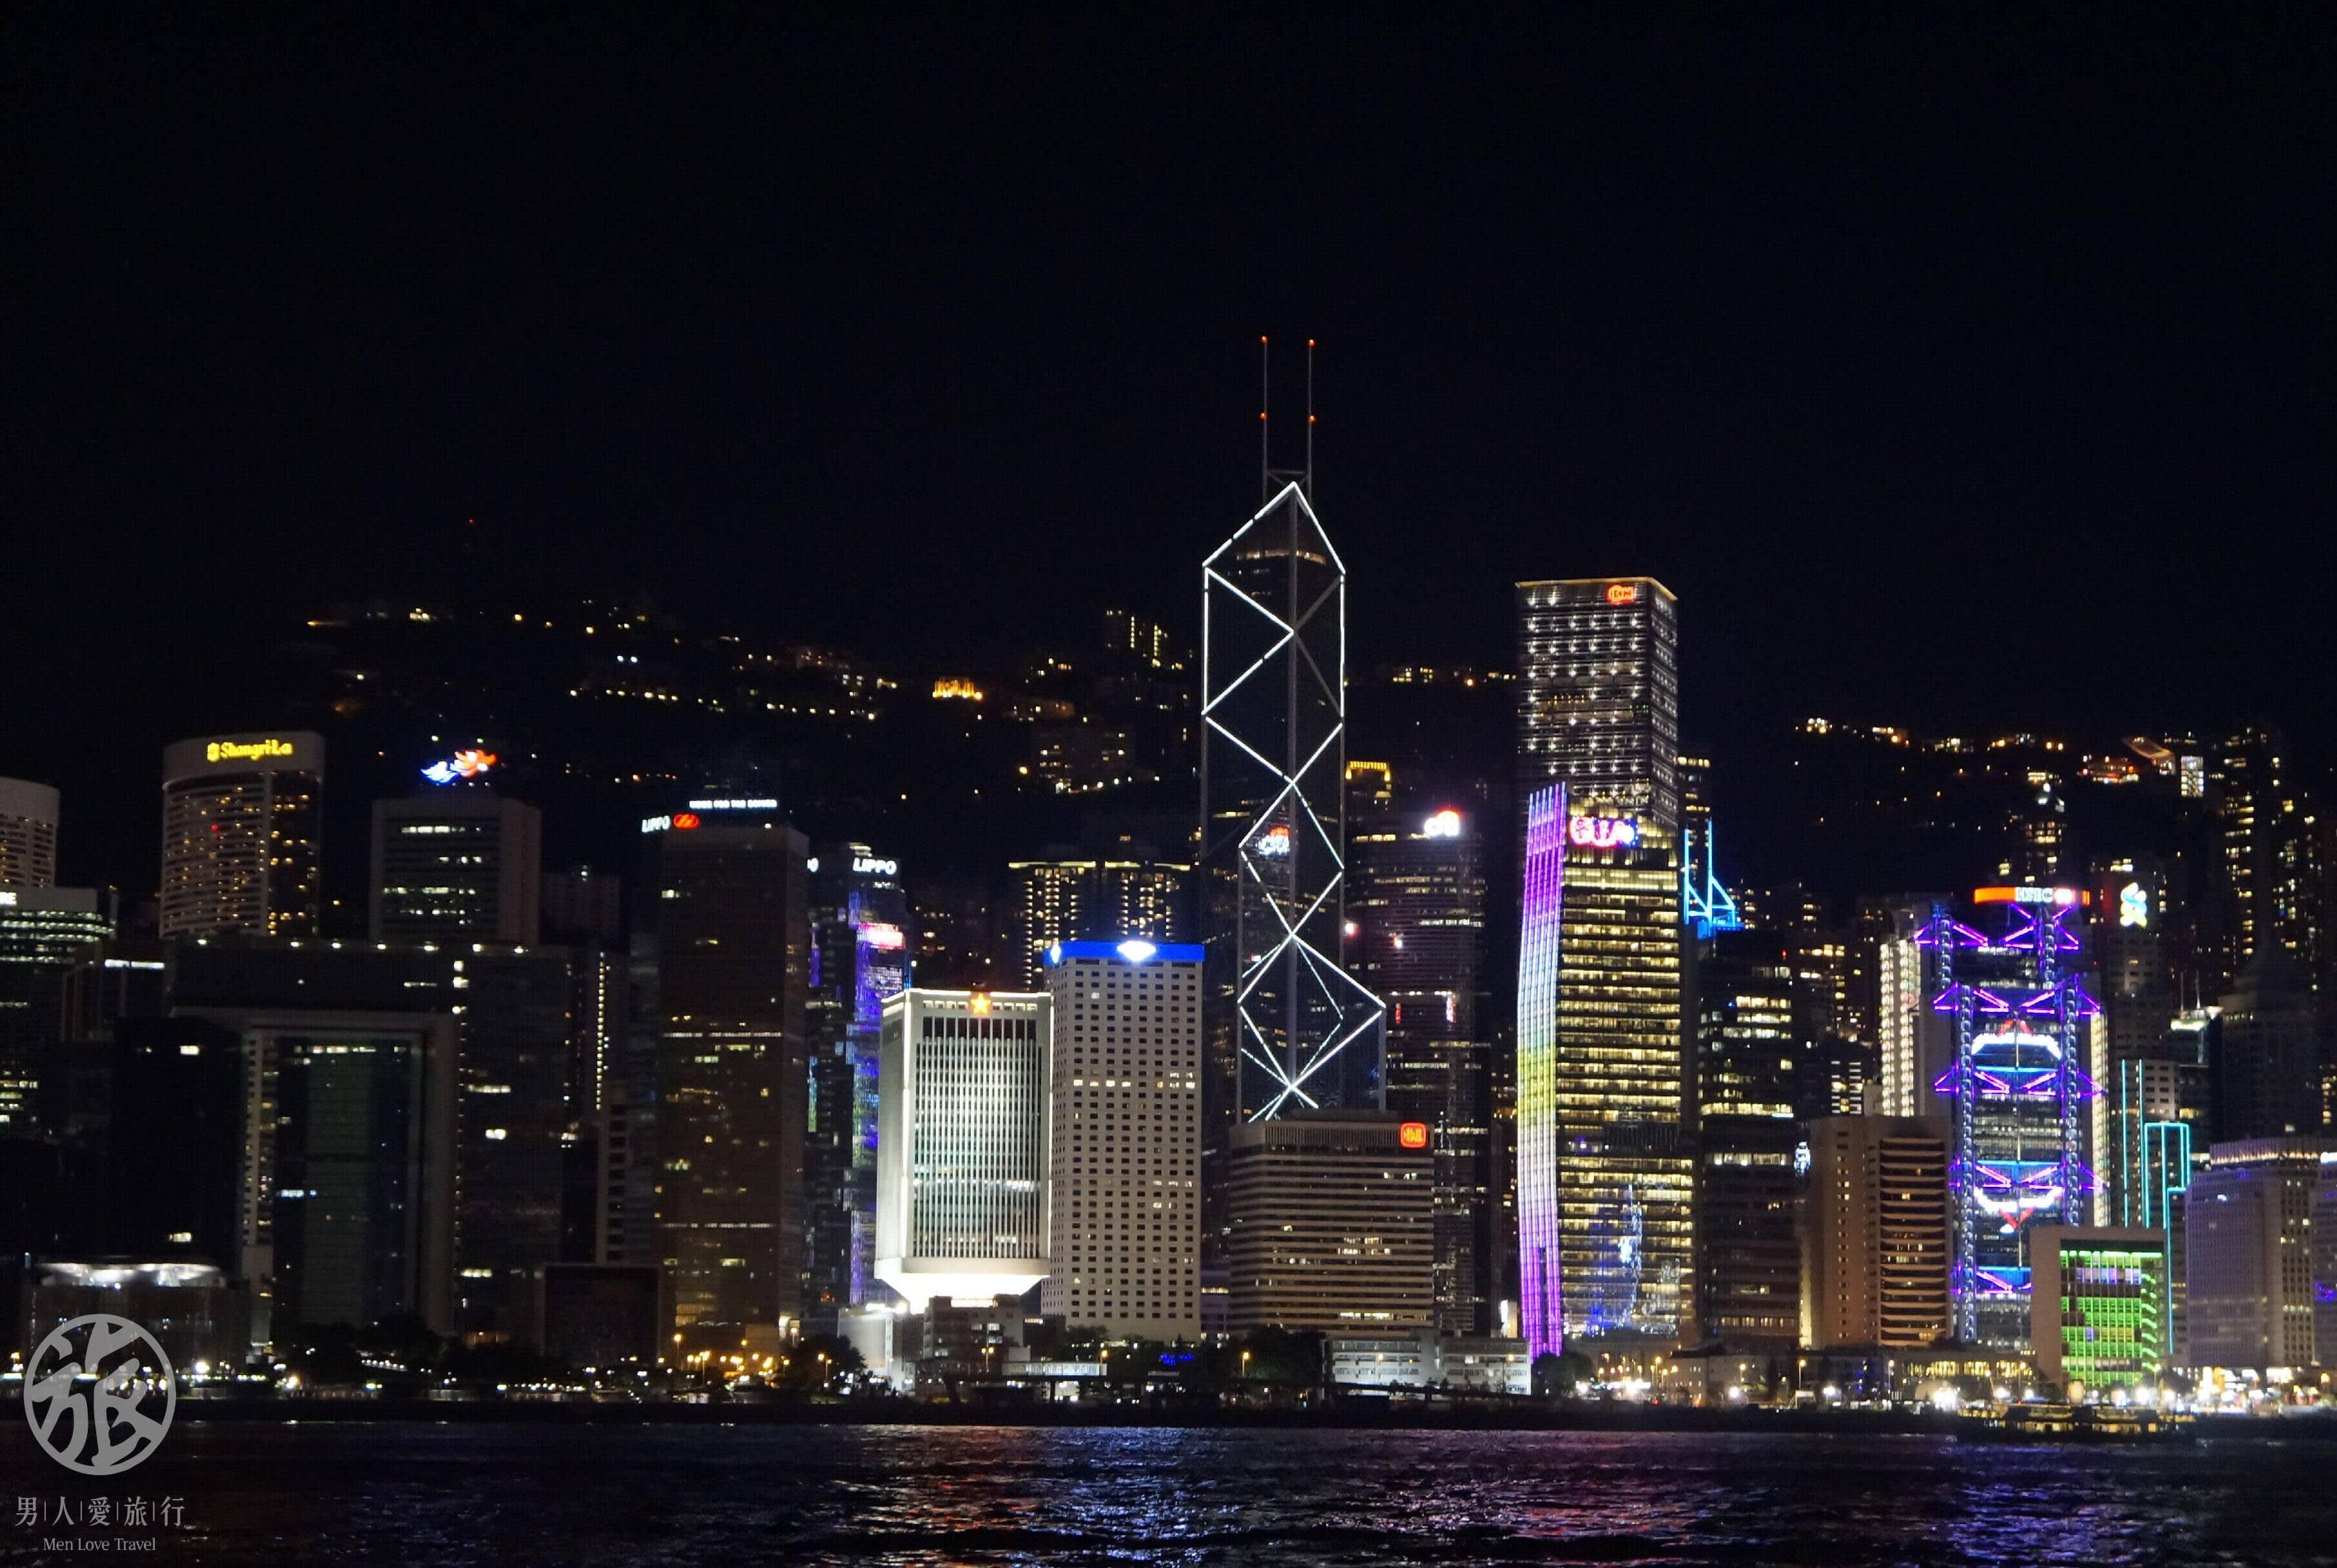 不 同 顏 色 、 不 同 設 計 、 聚 在 一 起 成 為 香 港 新 活 力